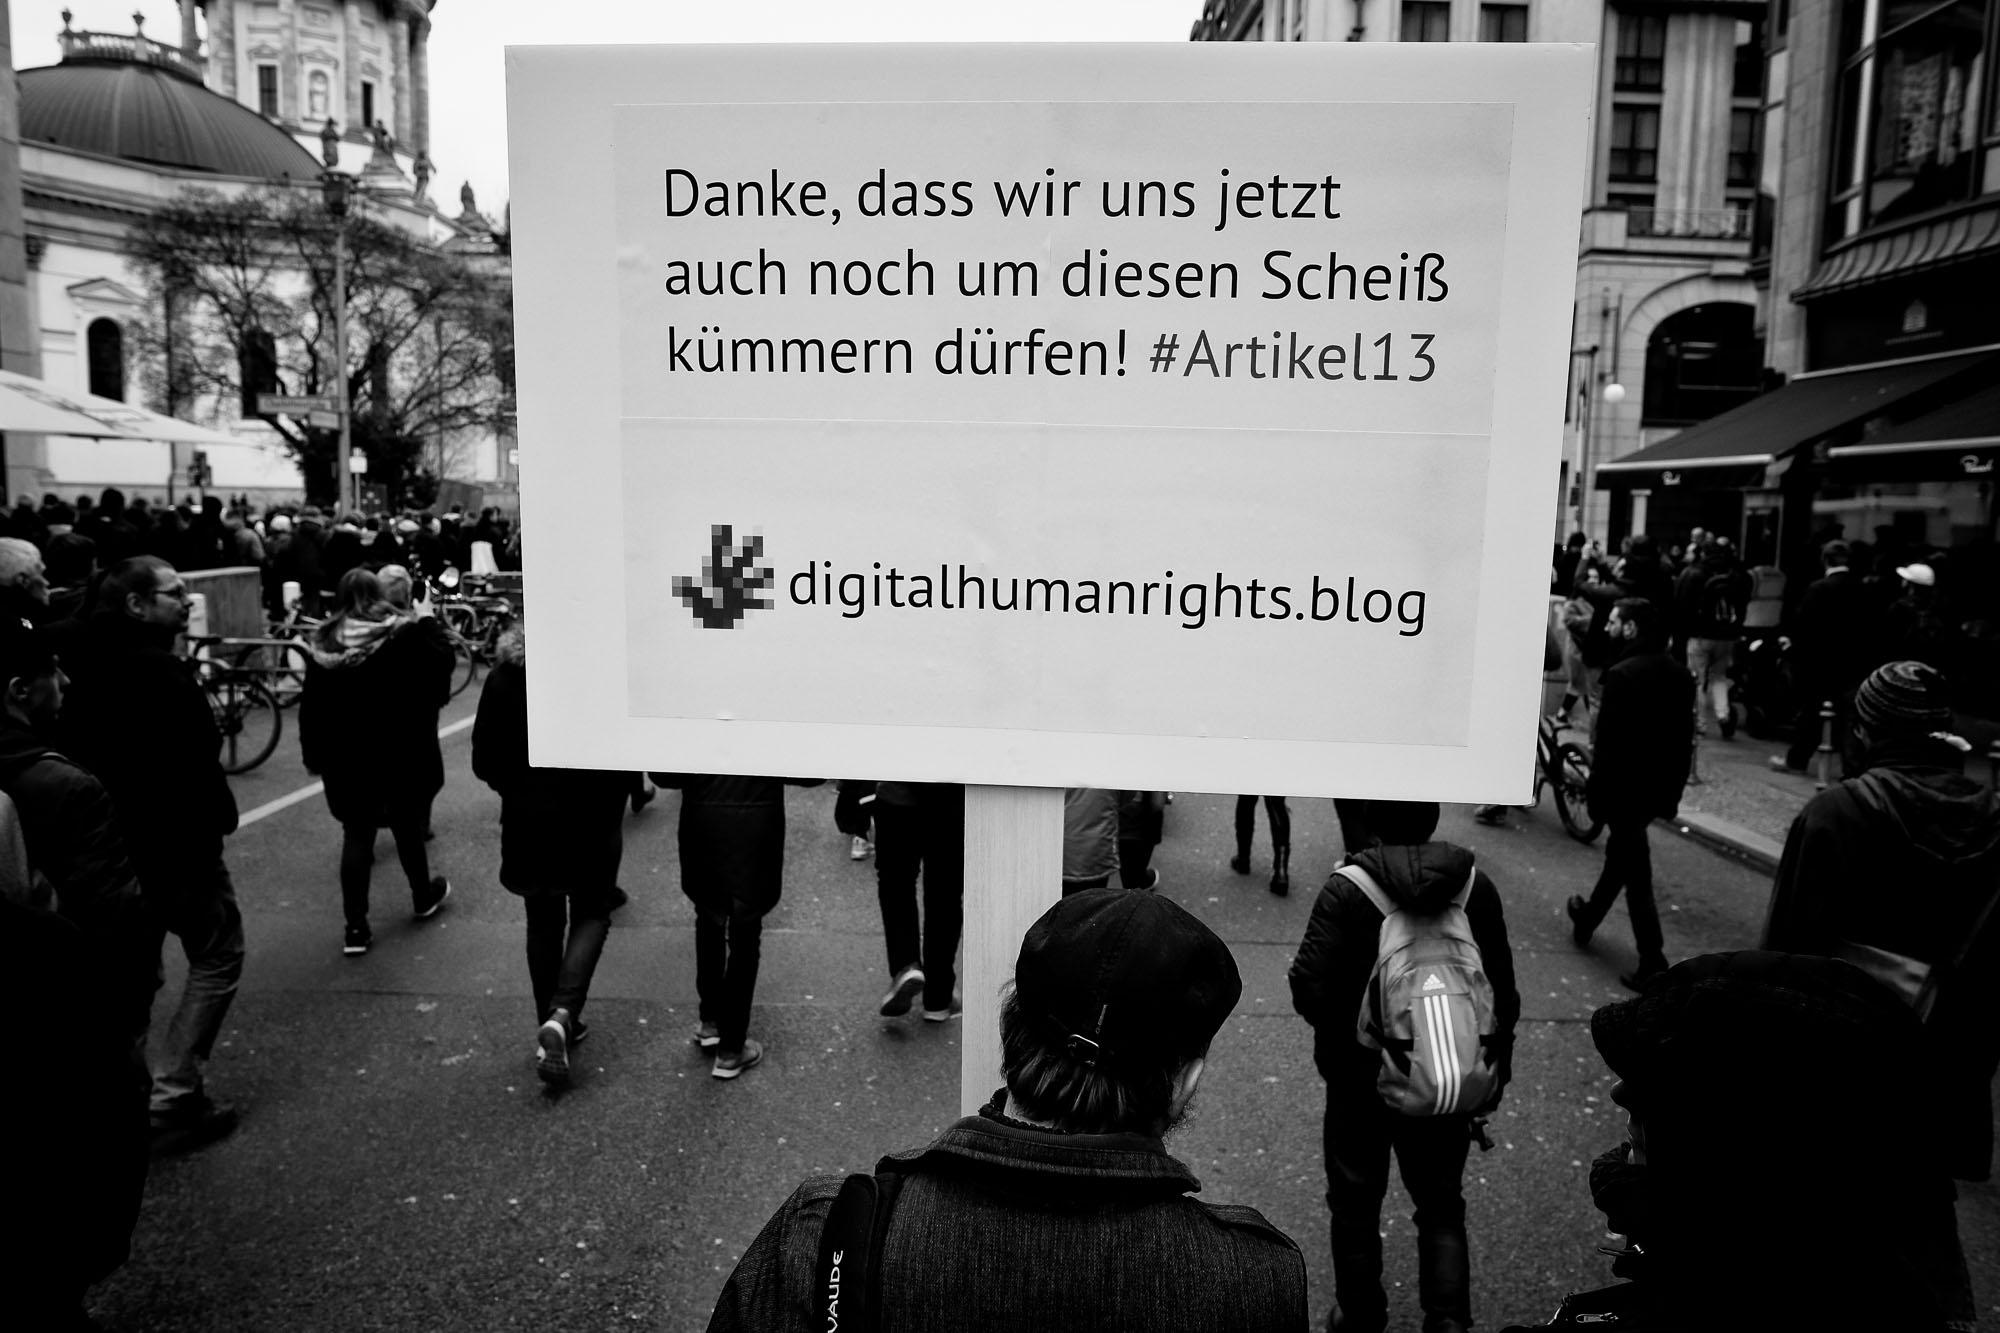 Berlin gegen 13 - Demo gegen Uploadfilter